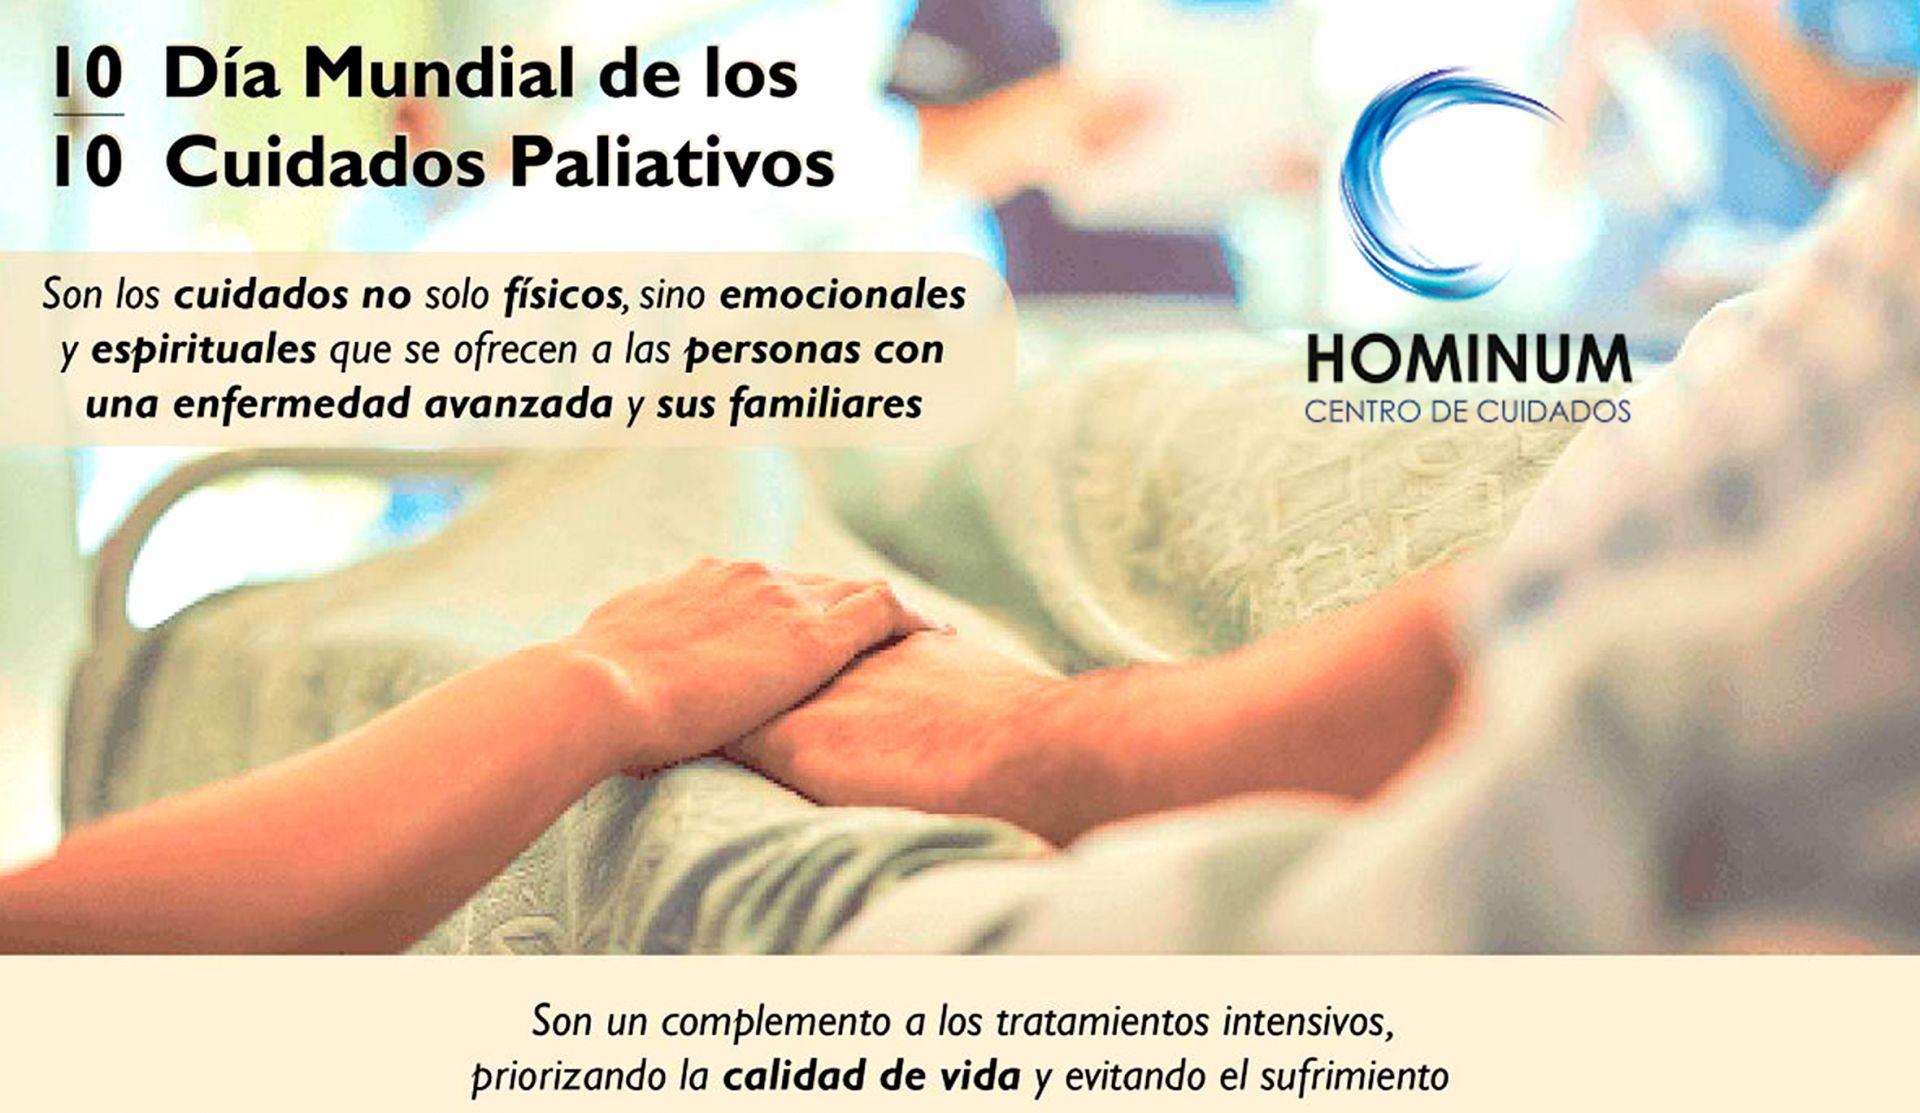 Día Mundial de los Cuidados Paliativos